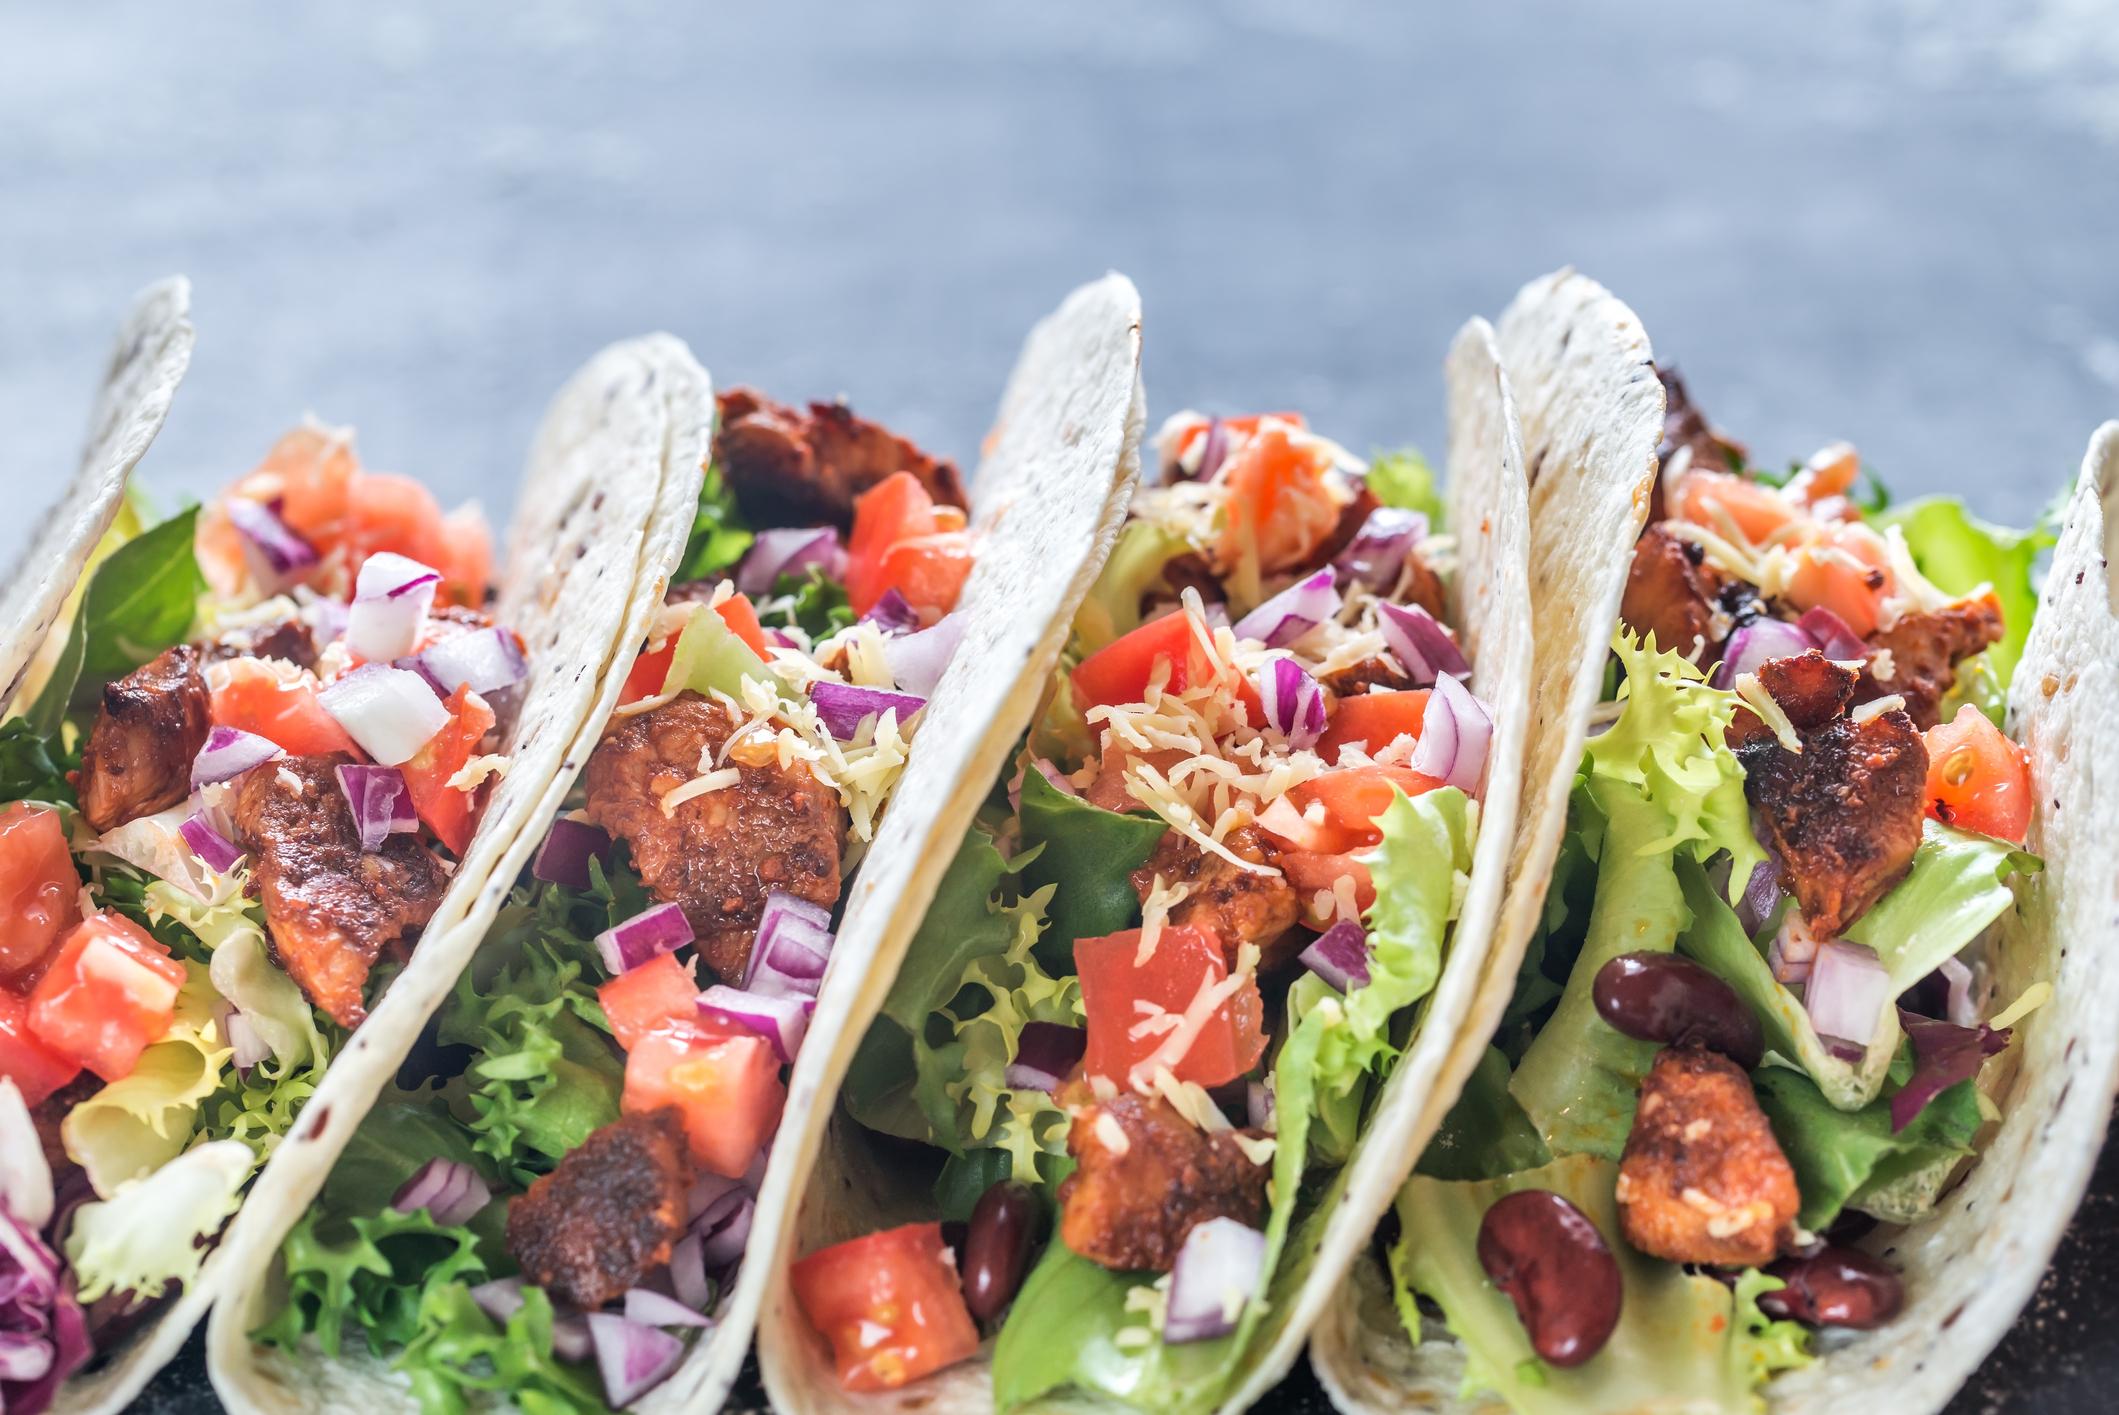 Four tacos